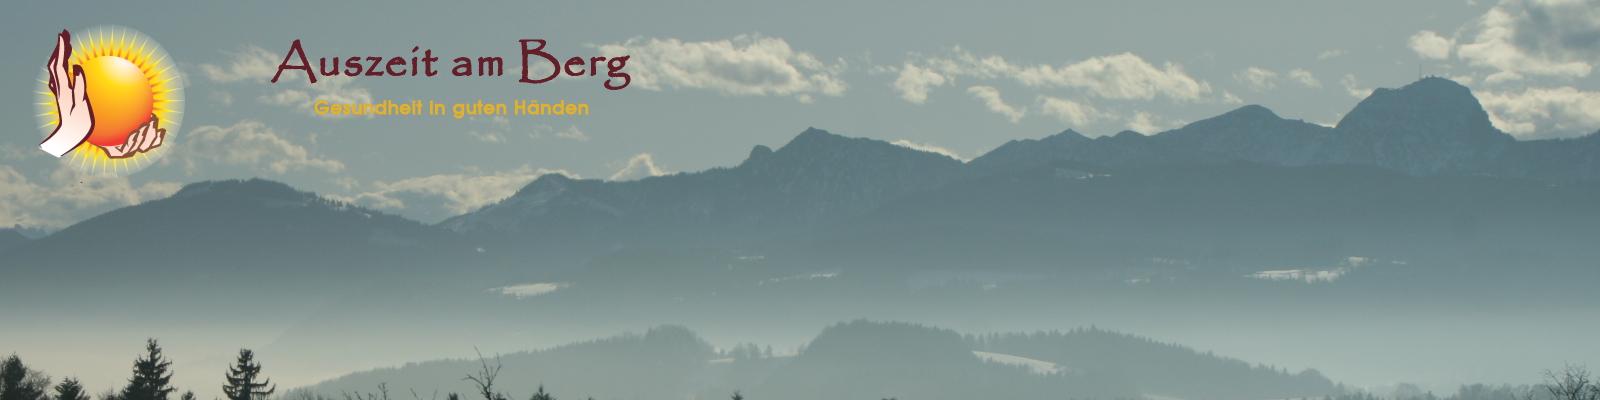 Auszeit am Berg